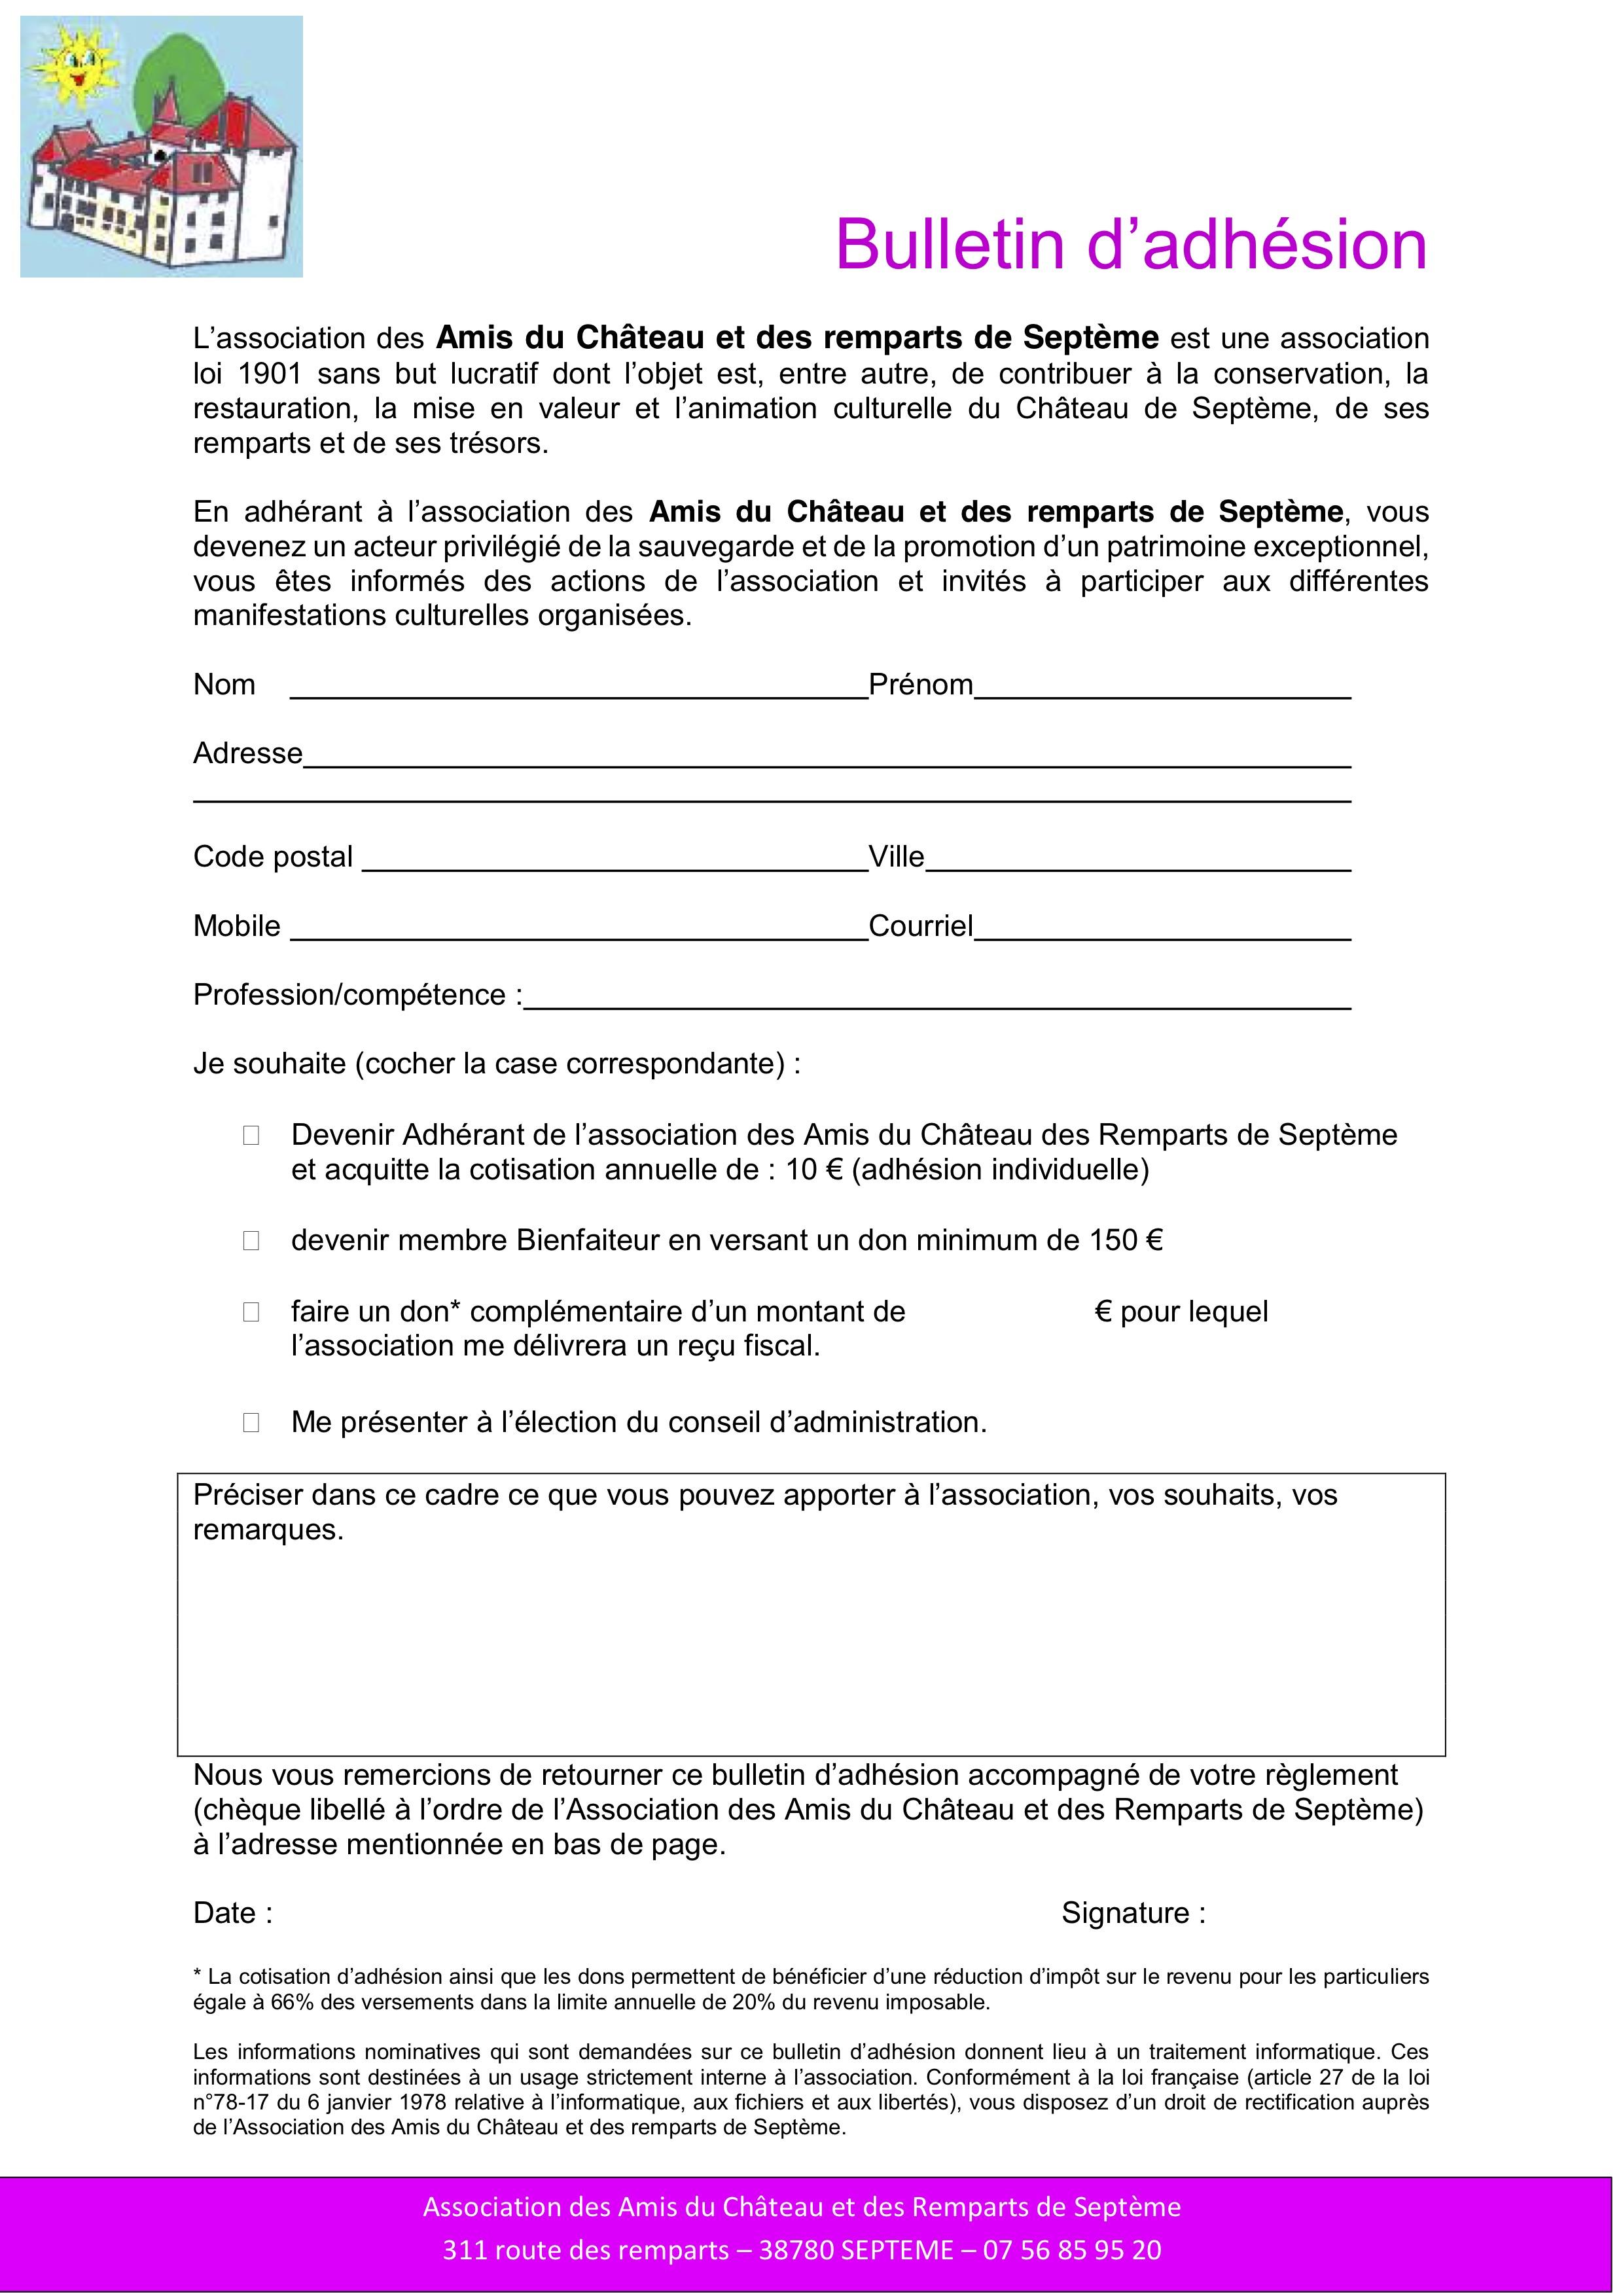 bulletin d'adhésion amis du chateau